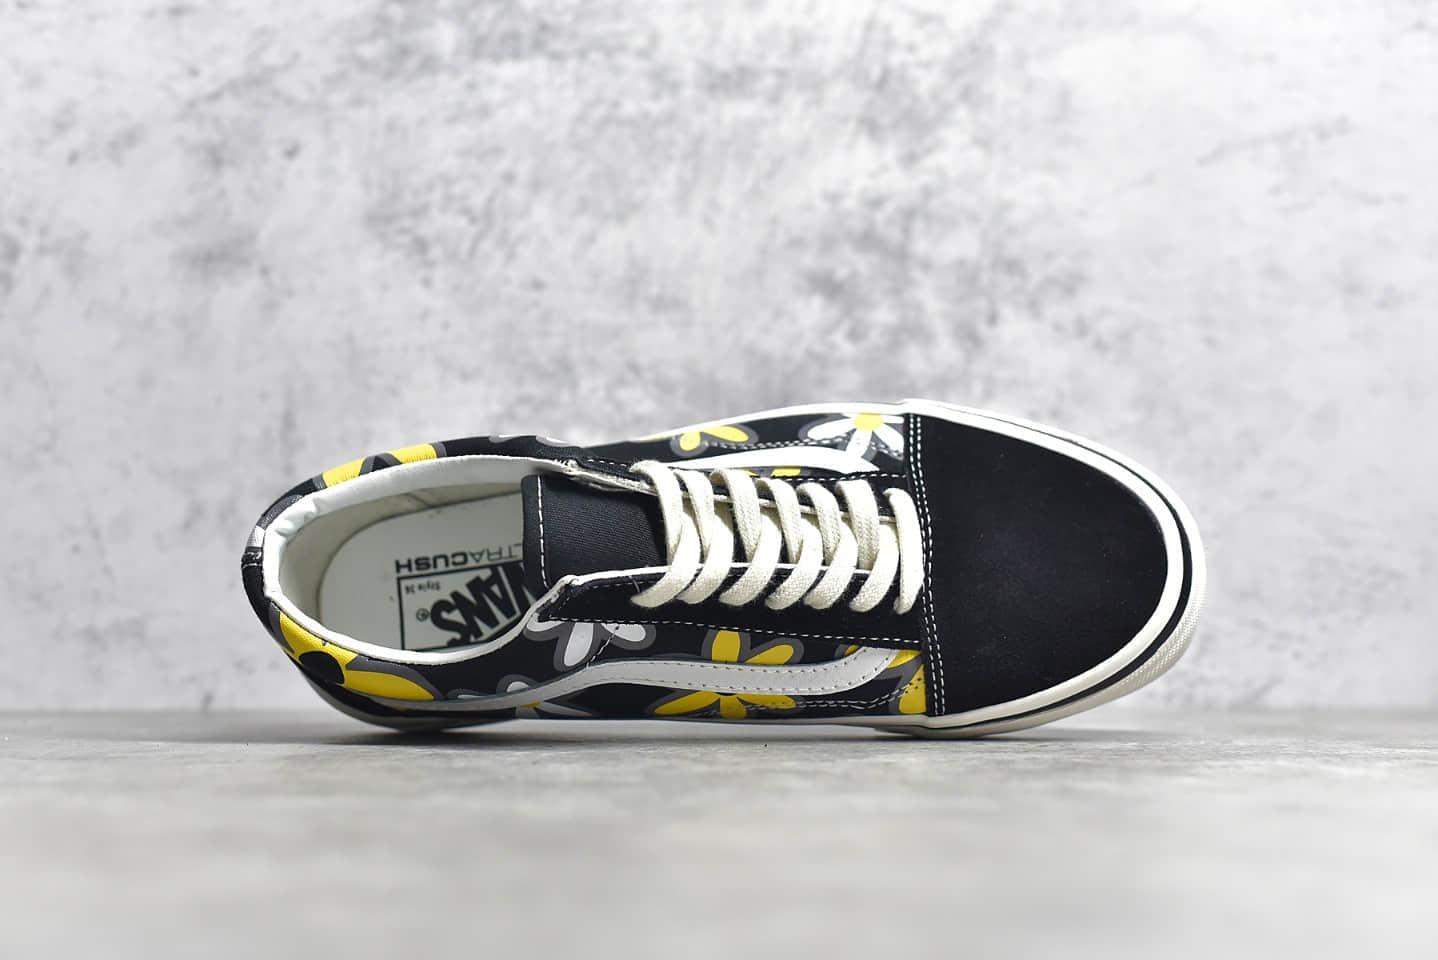 万斯小花印花黑色帆布鞋 Vans old SKOOL LX 万斯经典黑色低帮 万斯情侣鞋 万斯小雏菊印花-潮流者之家